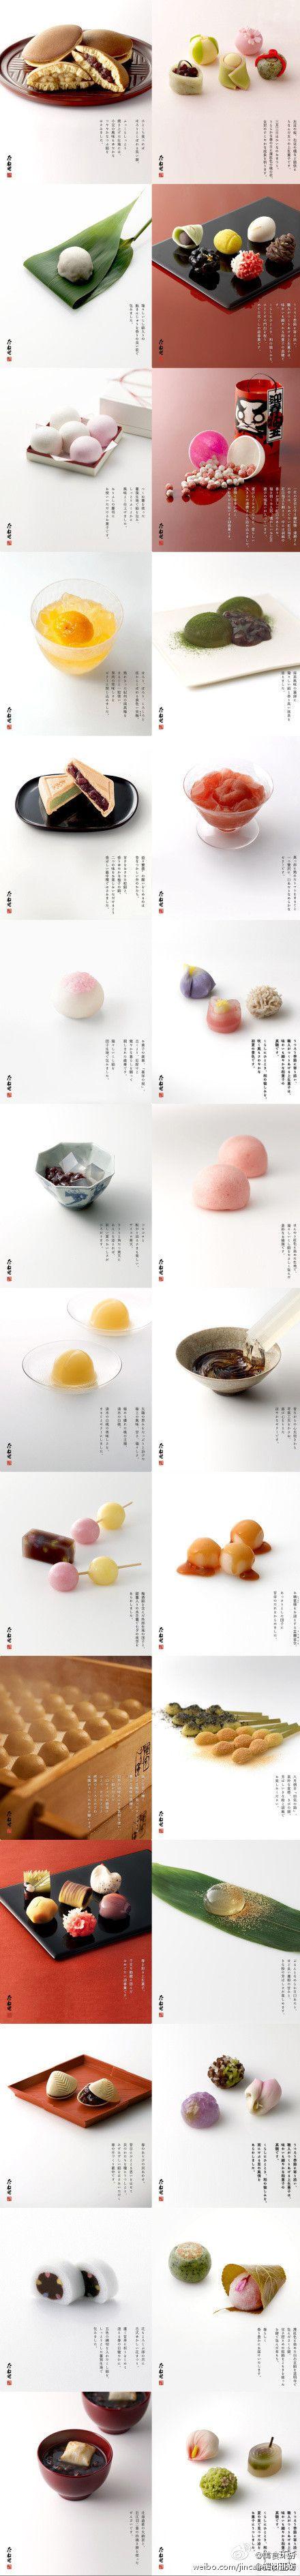 たねや http://taneya.jp/okashi/ #Japanese #sweets